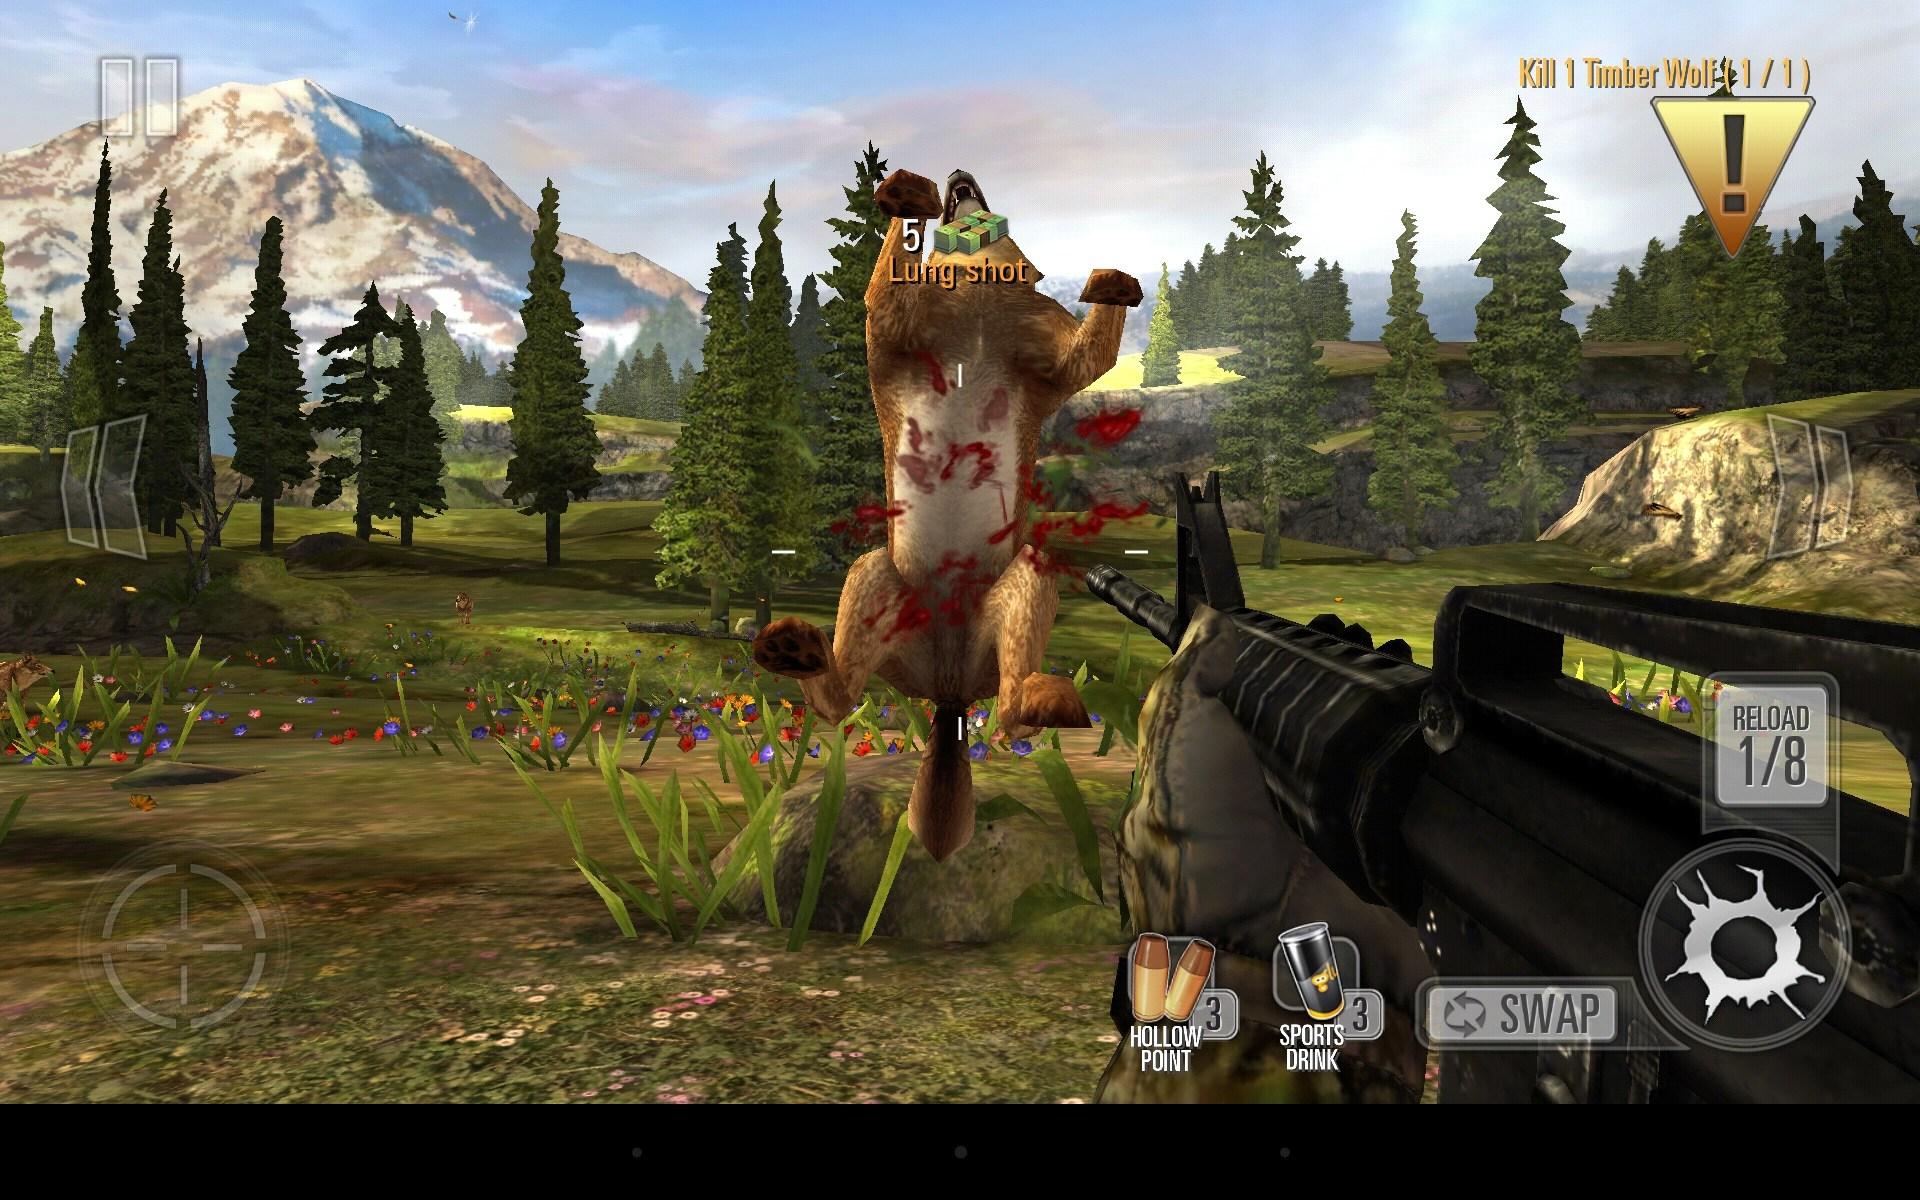 The hunter скачать торрент бесплатно на pc.